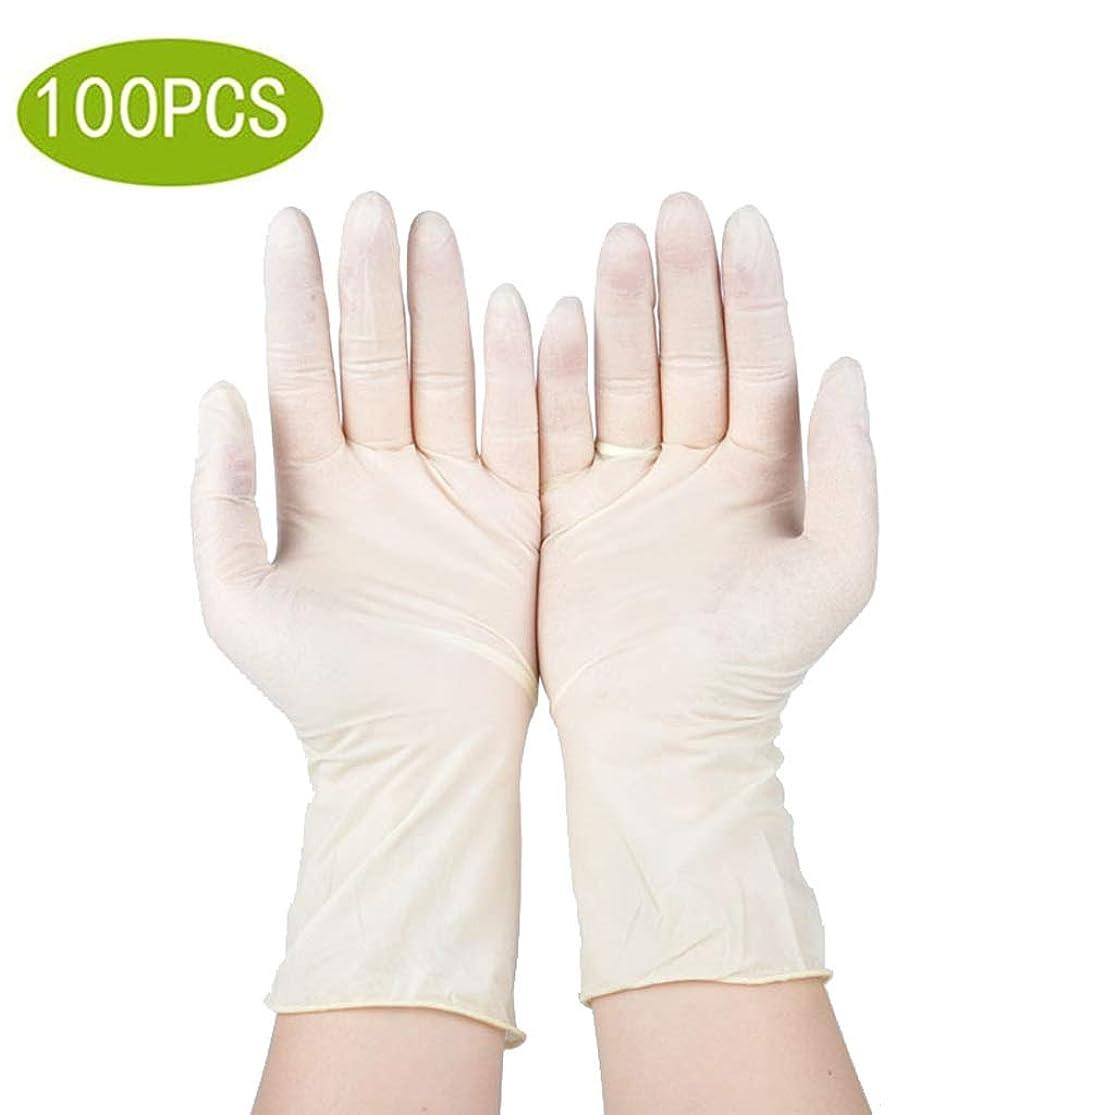 試験罪人レンチニトリル手袋義務使い捨てビニール手袋、100カウント、特大 - パウダーフリー、両性、極度の快適さ、特別に強く、丈夫で伸縮性がある、医療、食品、マルチユース (Color : Latex Gloves, Size : M)